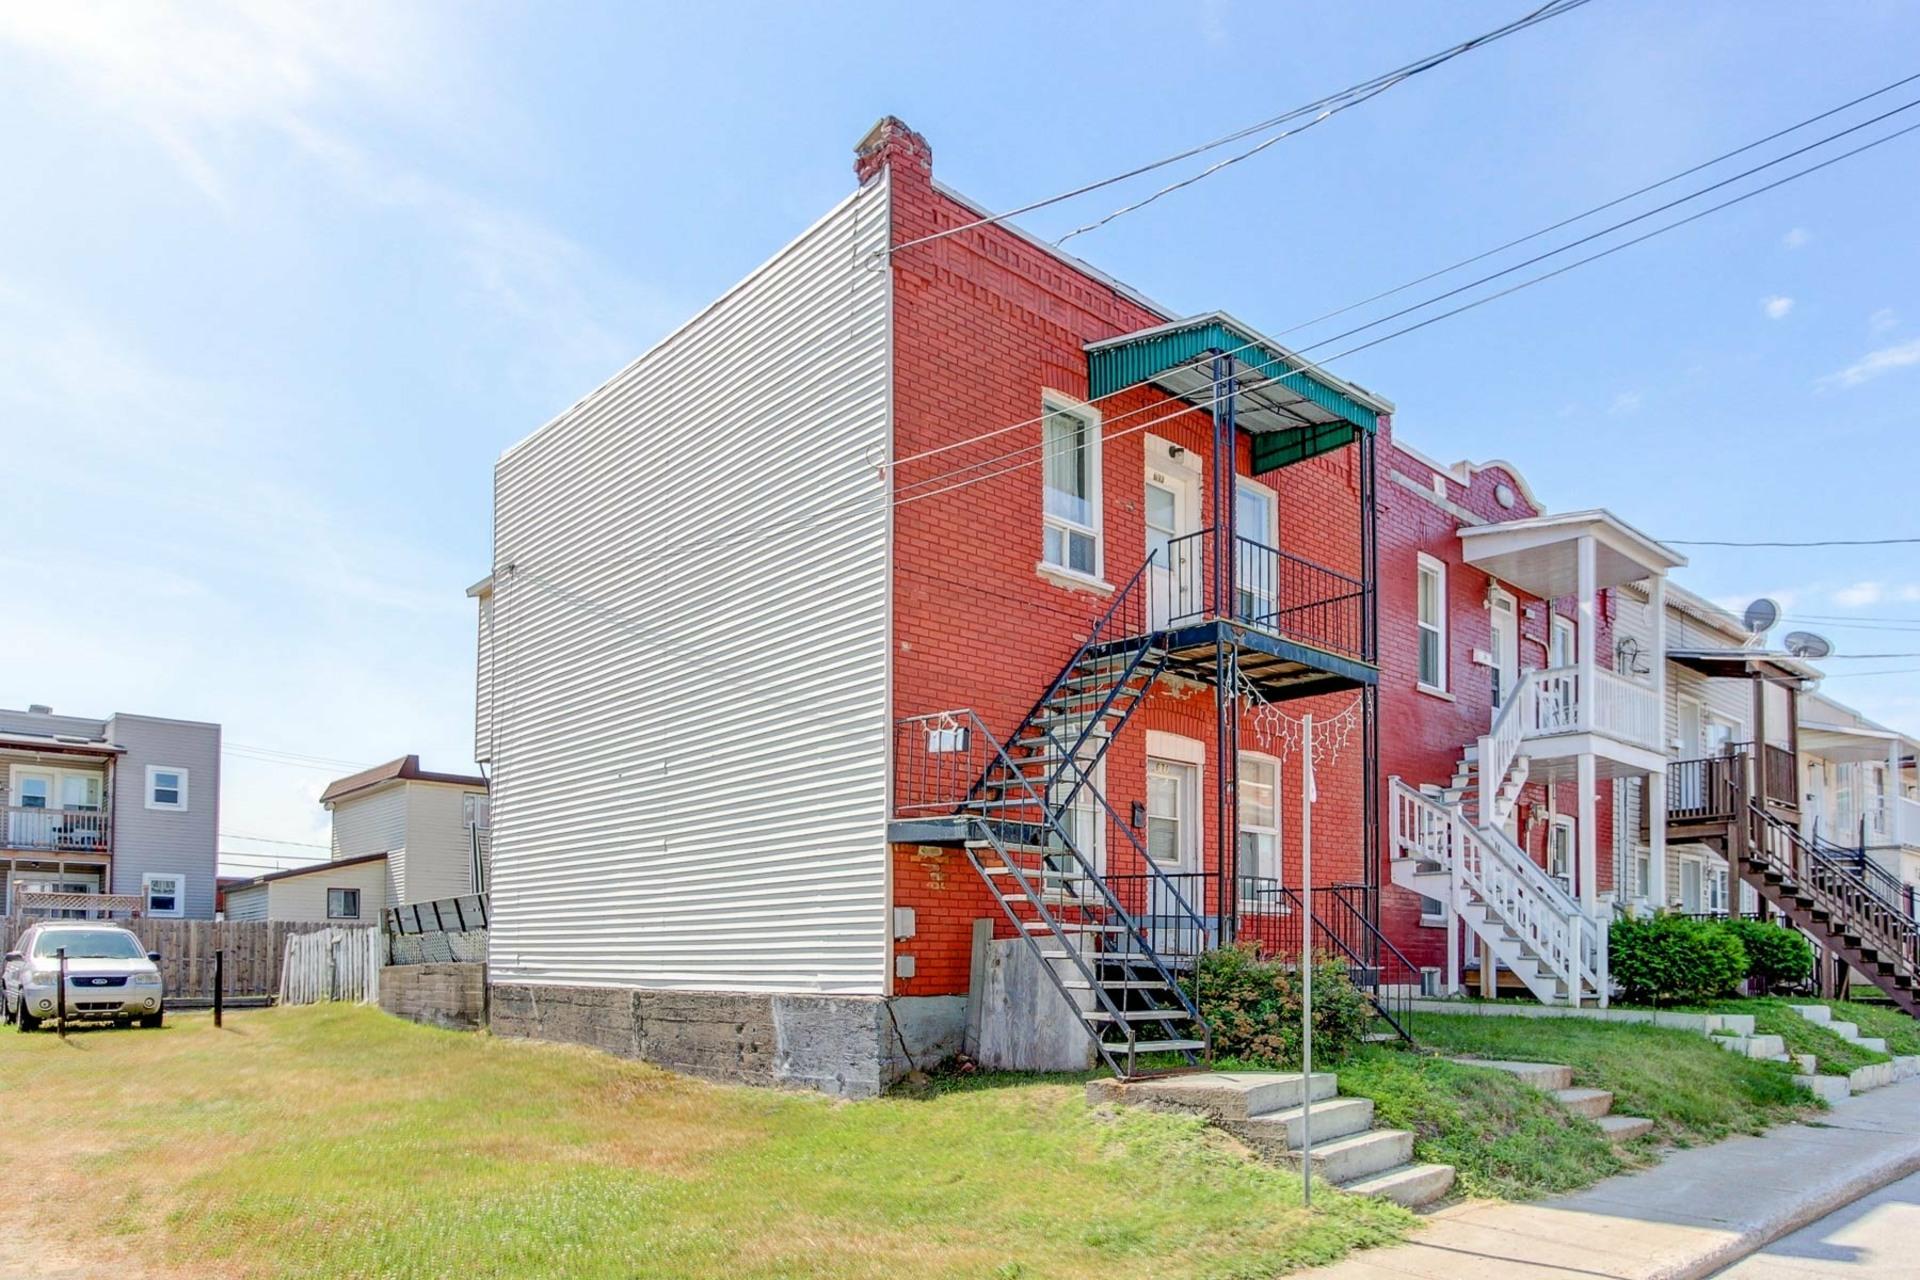 image 15 - Duplex For sale Trois-Rivières - 4 rooms